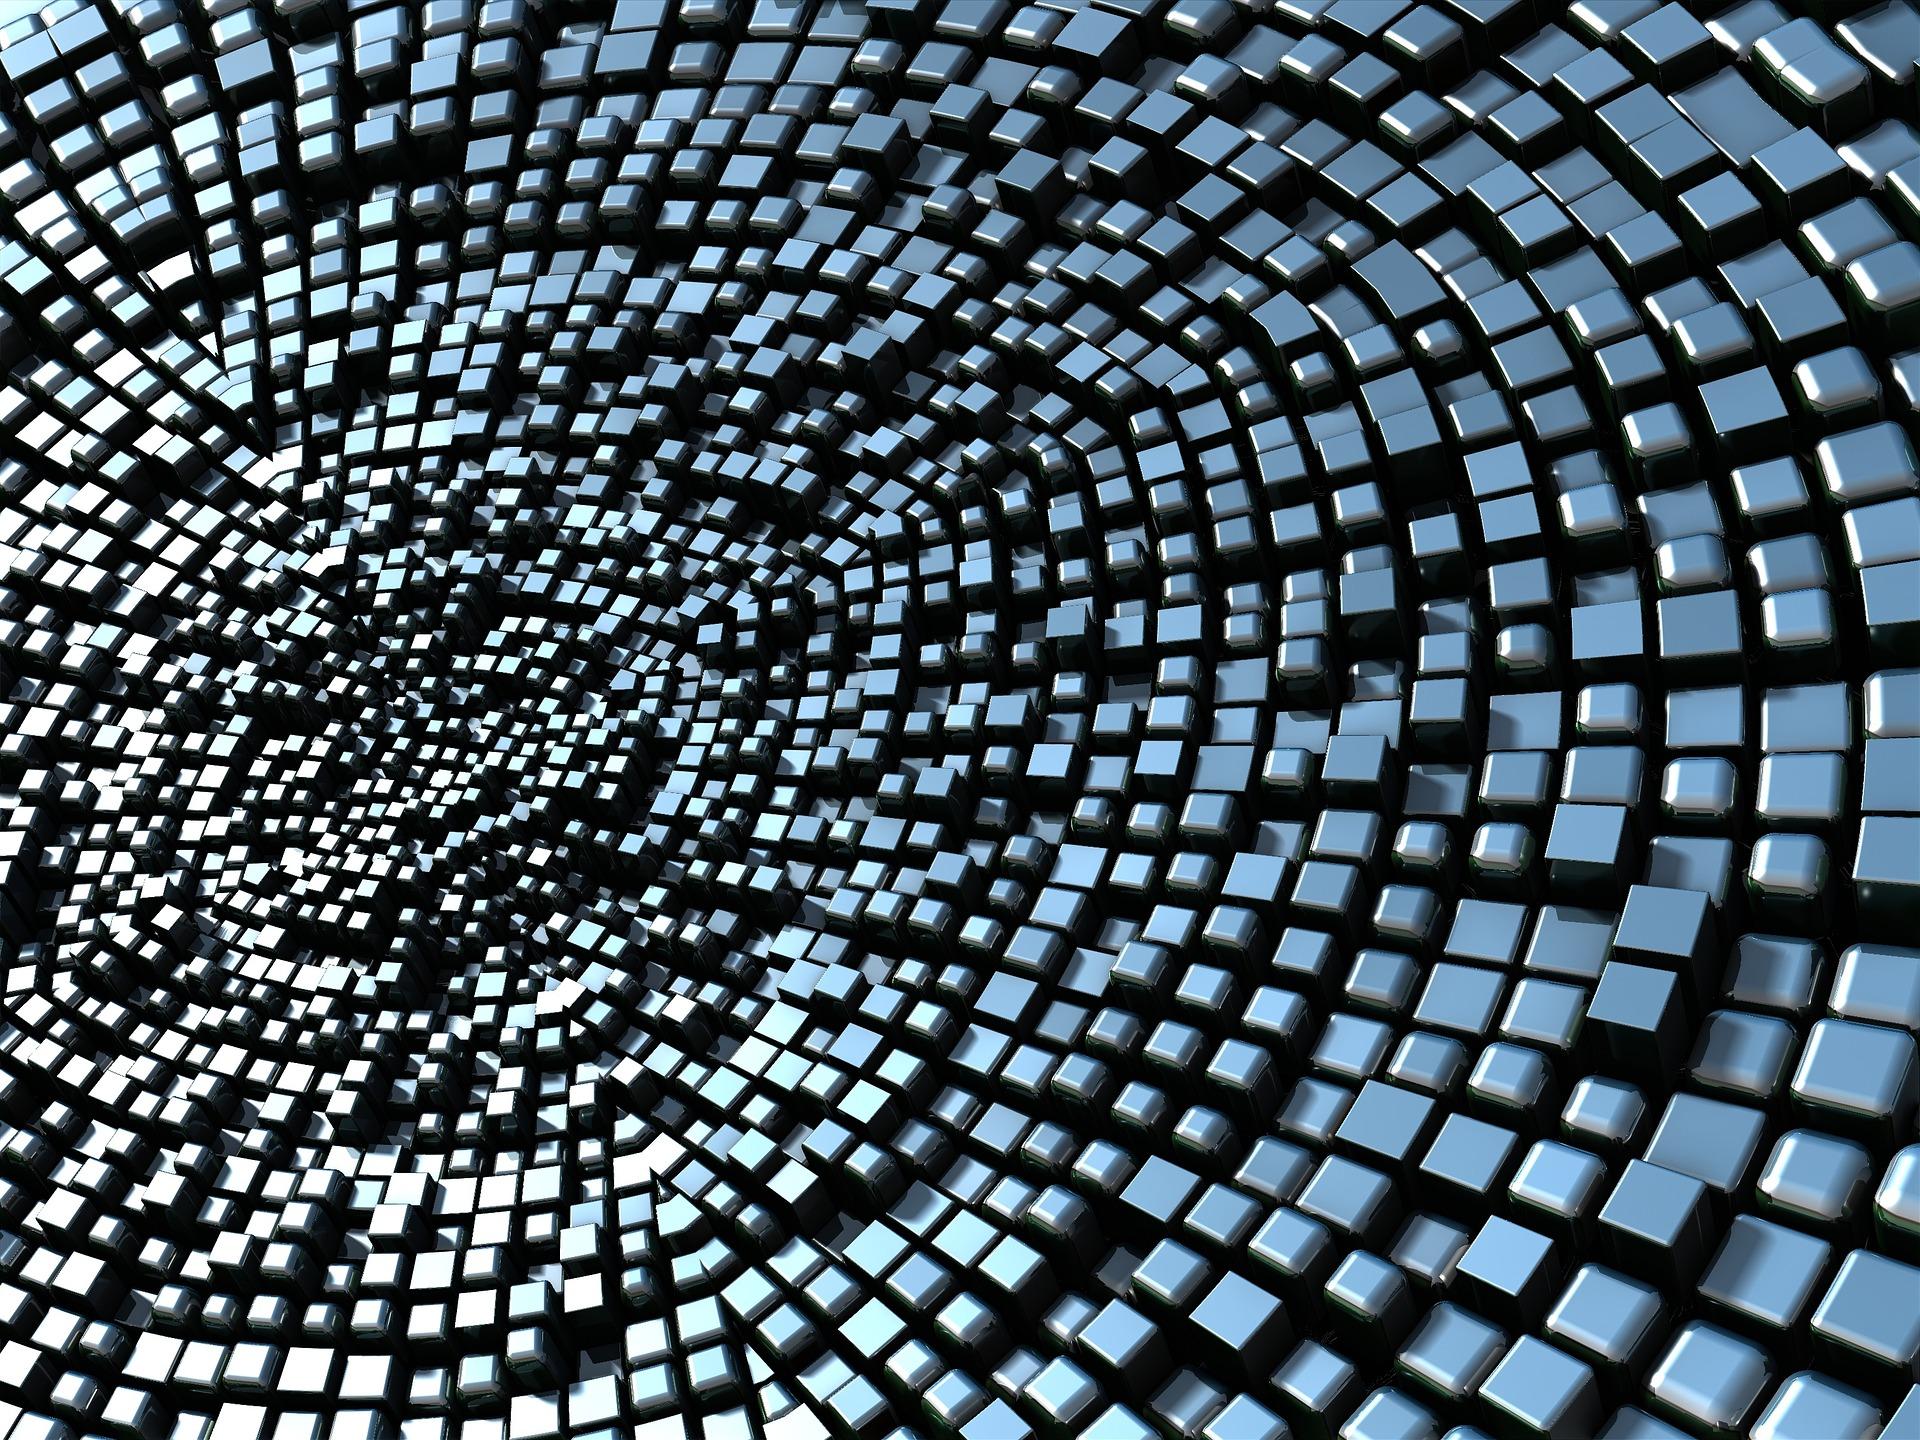 Blöcke, metallische, Metall, Chaos, Glanzgraden - Wallpaper HD - Prof.-falken.com